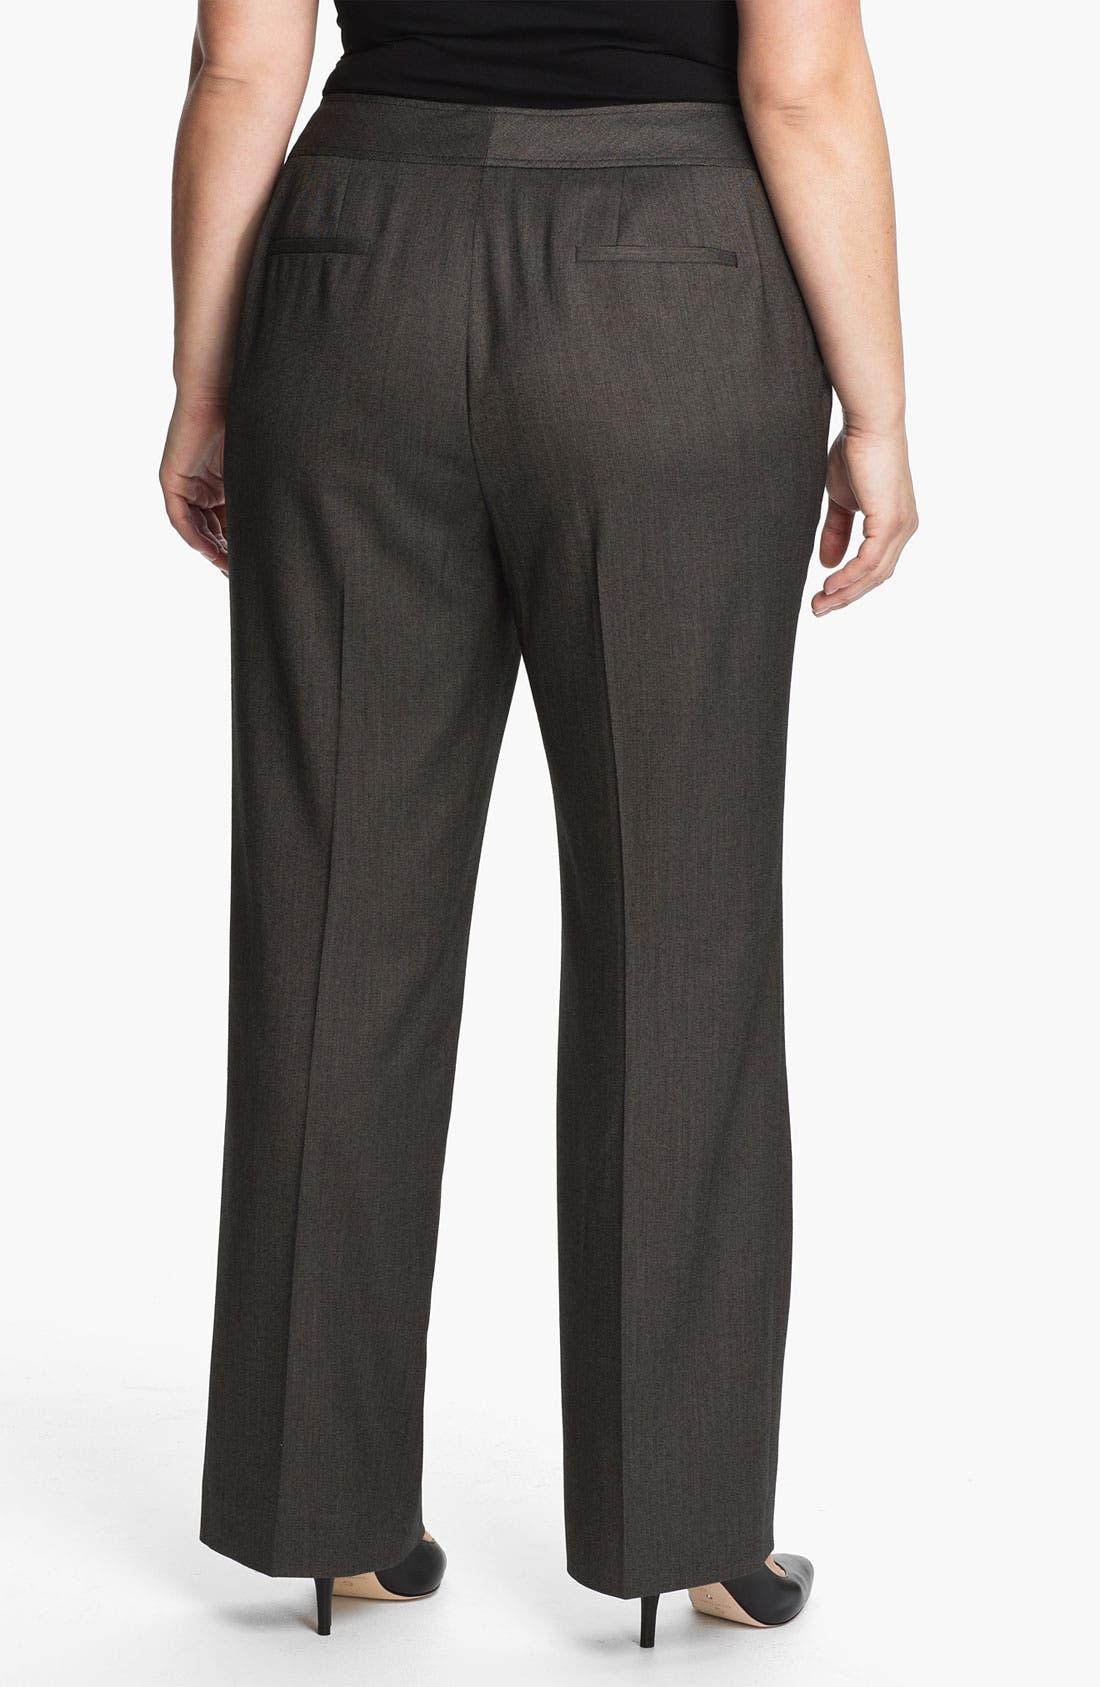 Alternate Image 2  - Sejour 'Bureau' Curvy Fit Trousers (Plus)